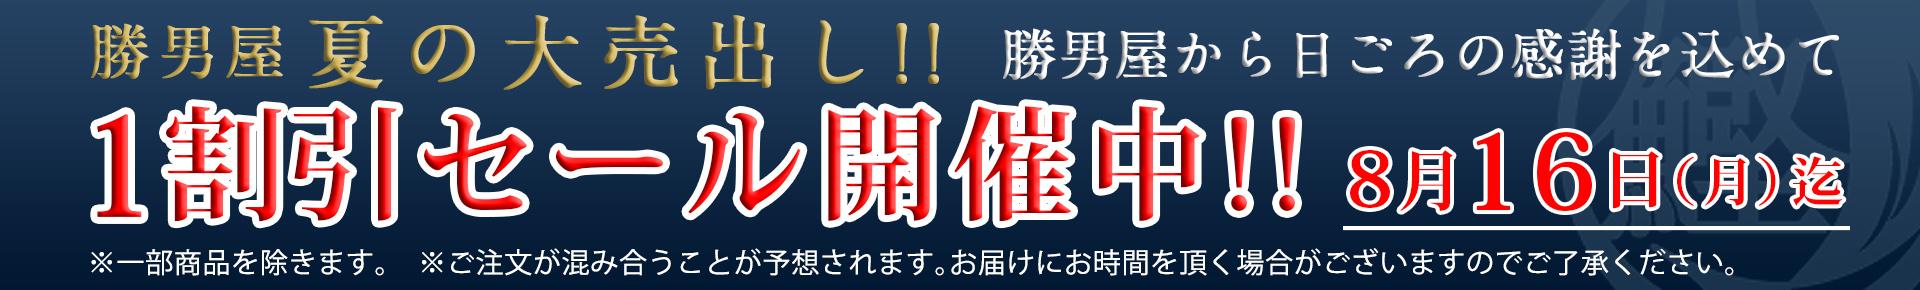 勝男屋 夏の大売り出し!!勝男屋から日ごろの感謝を込めて1割引きセール開催中!! 8月16日(月)まで